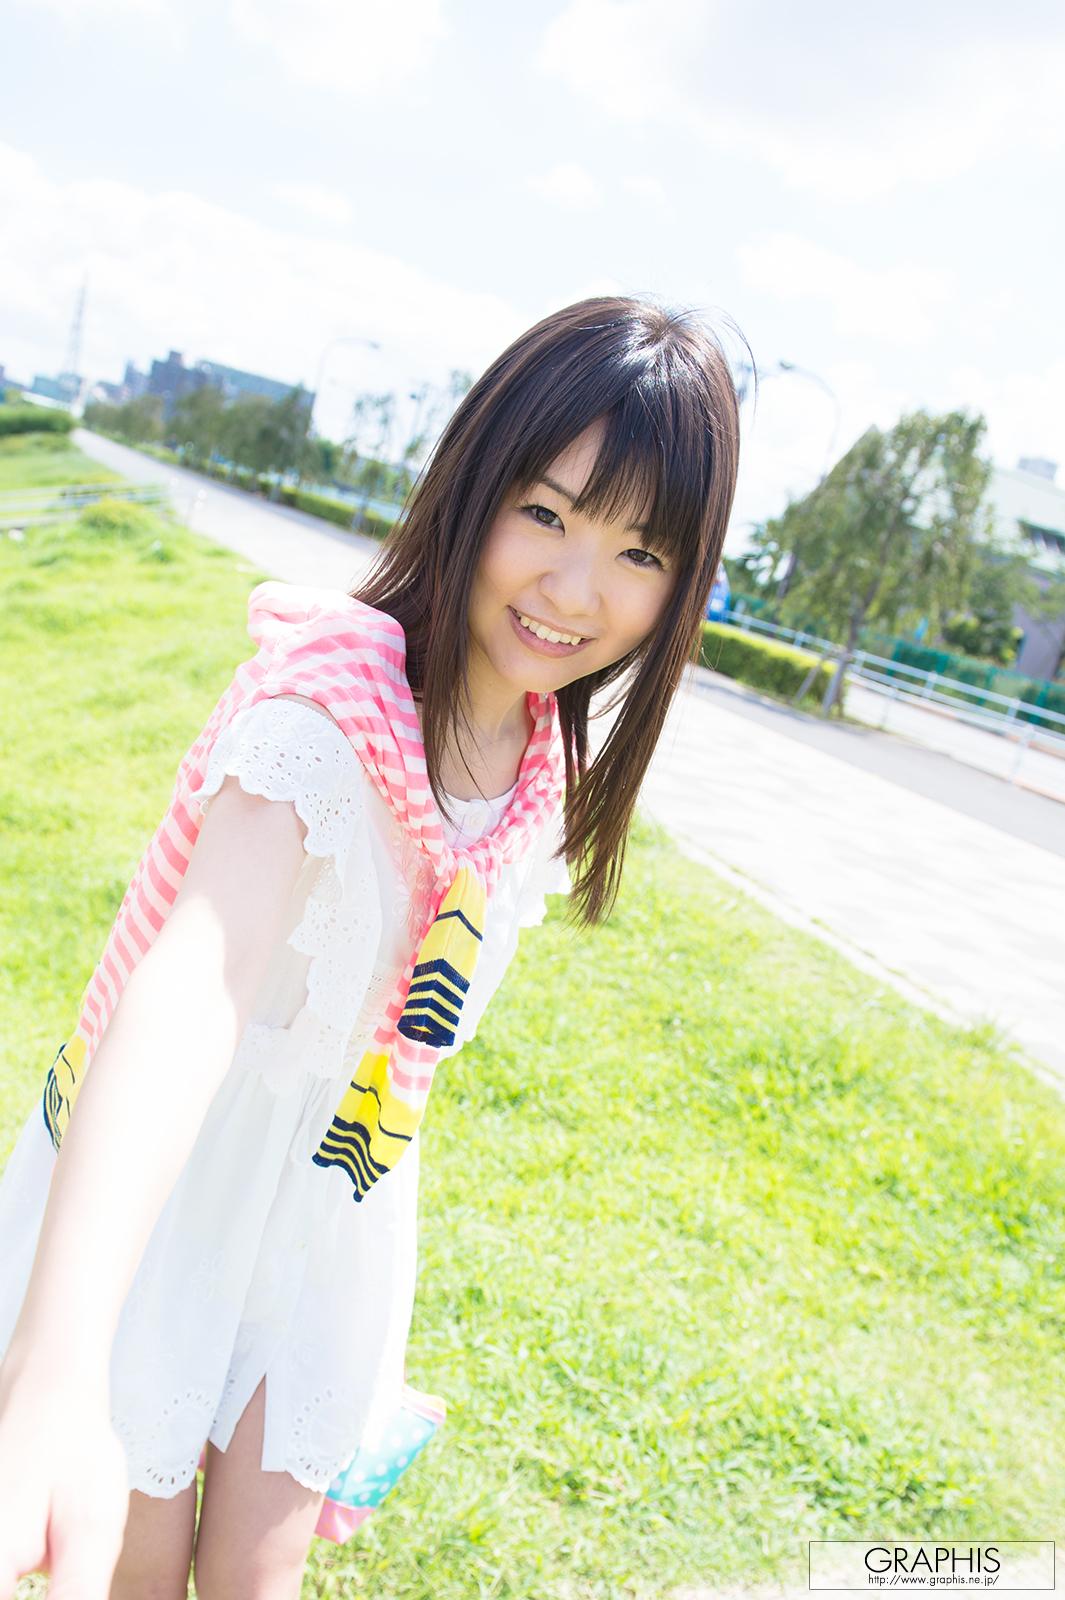 Tsubomi-14.09.01-CLD